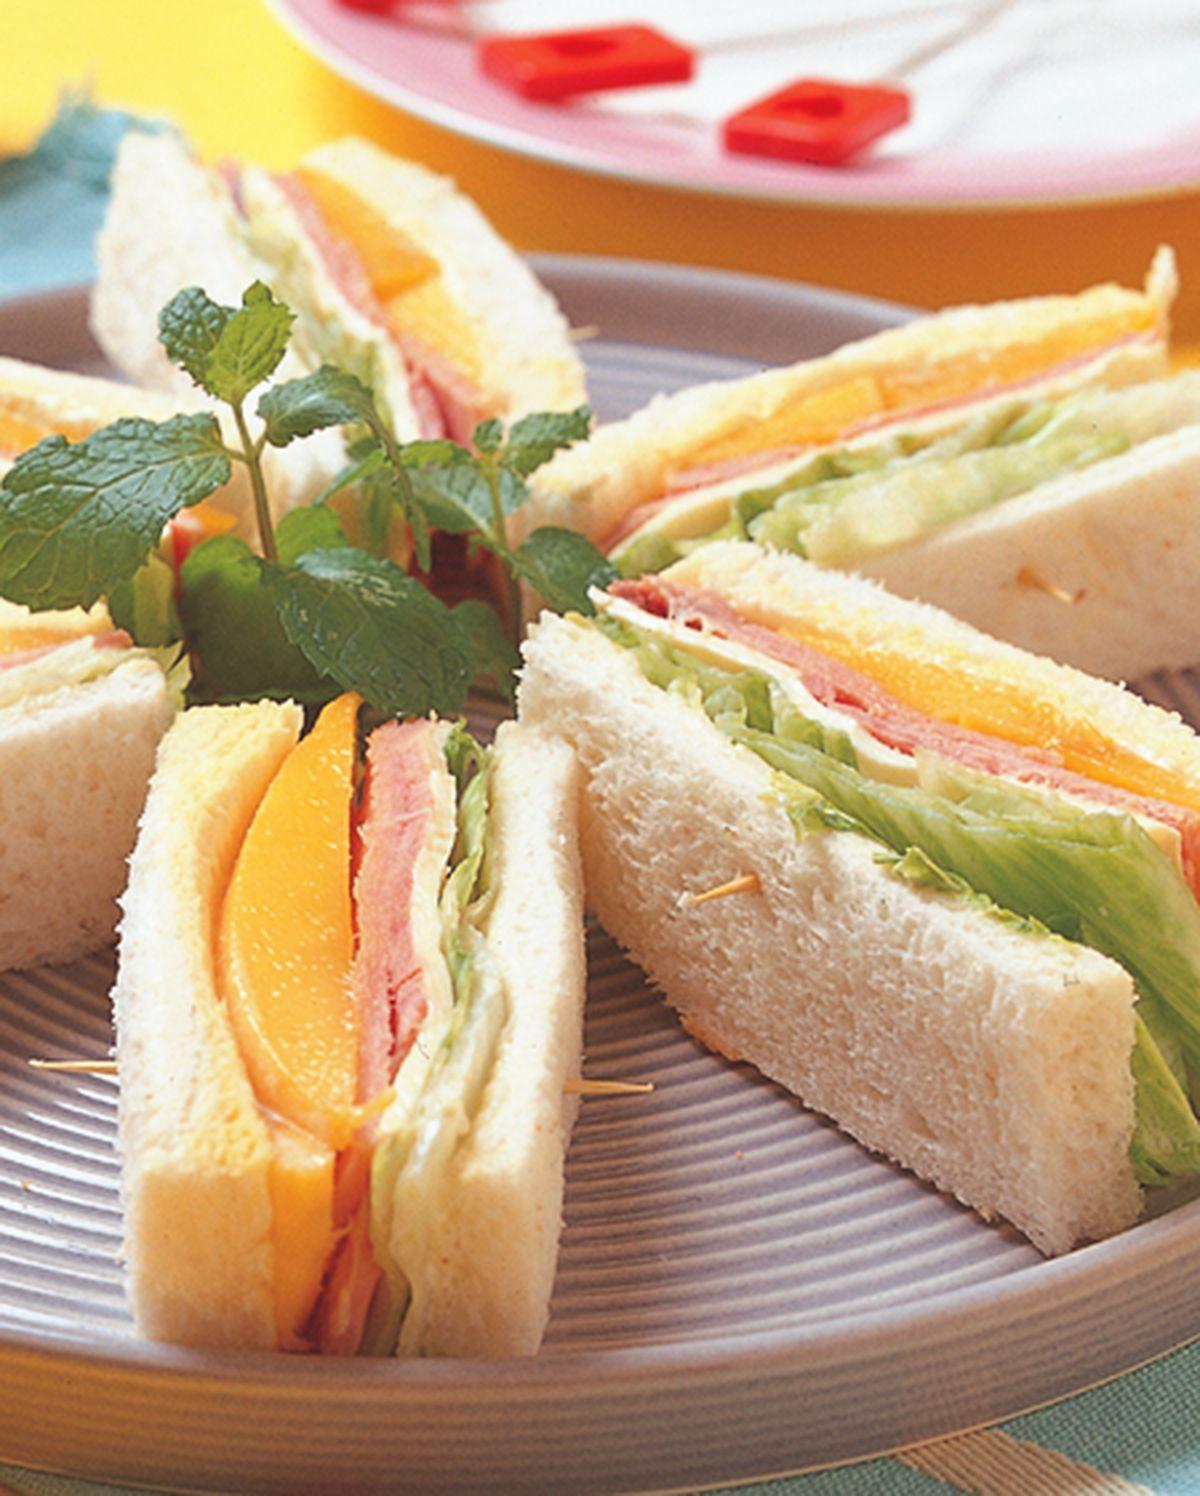 食譜:火腿芒果起司三明治